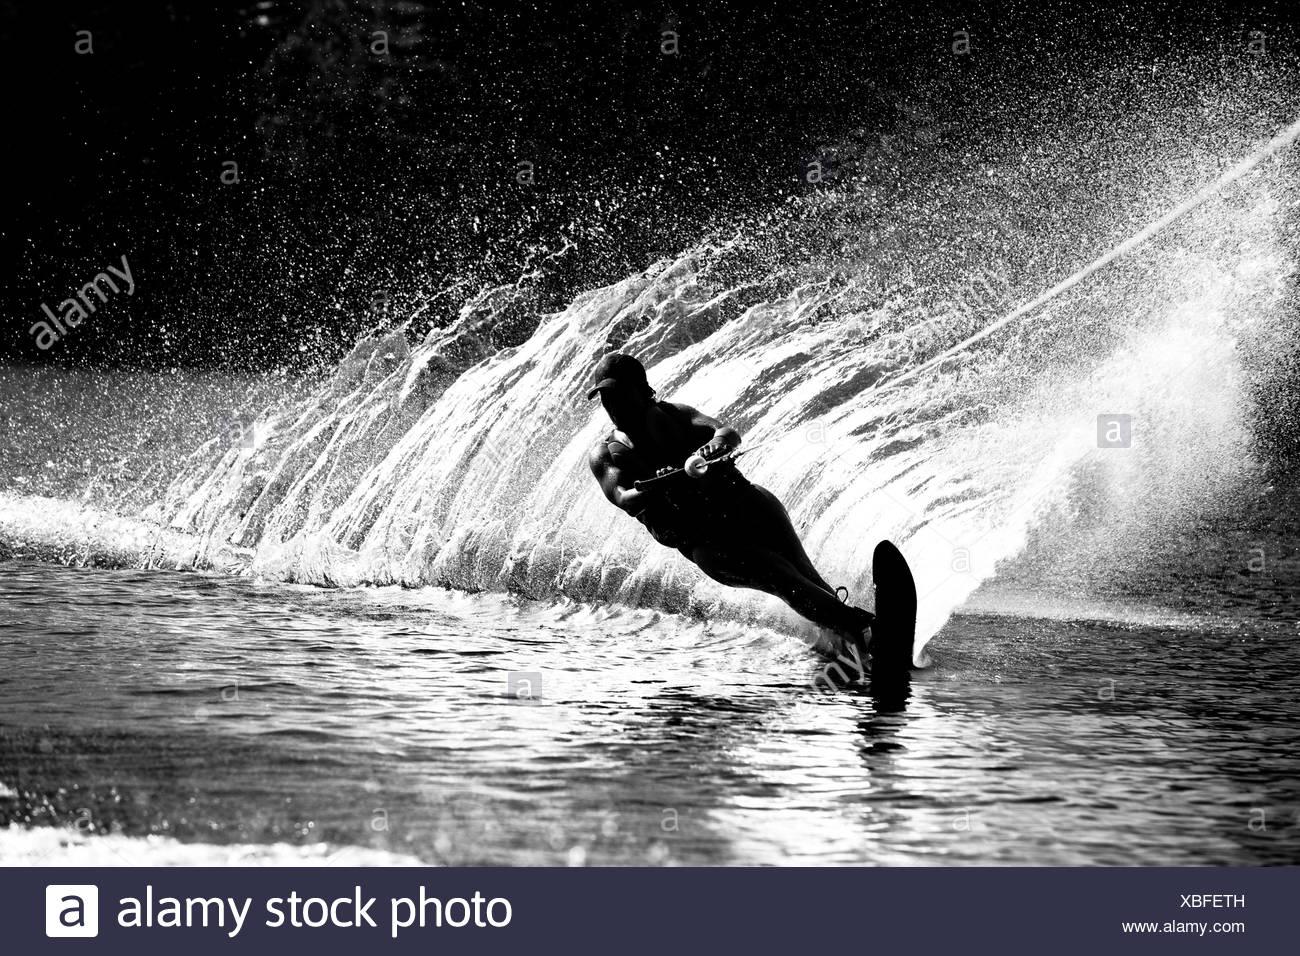 Une skieuse nautique déchire tour provoquant un énorme jet d'eau tandis que le ski sur le lac Cobbosseecontee près de Monmouth, Maine. Photo Stock